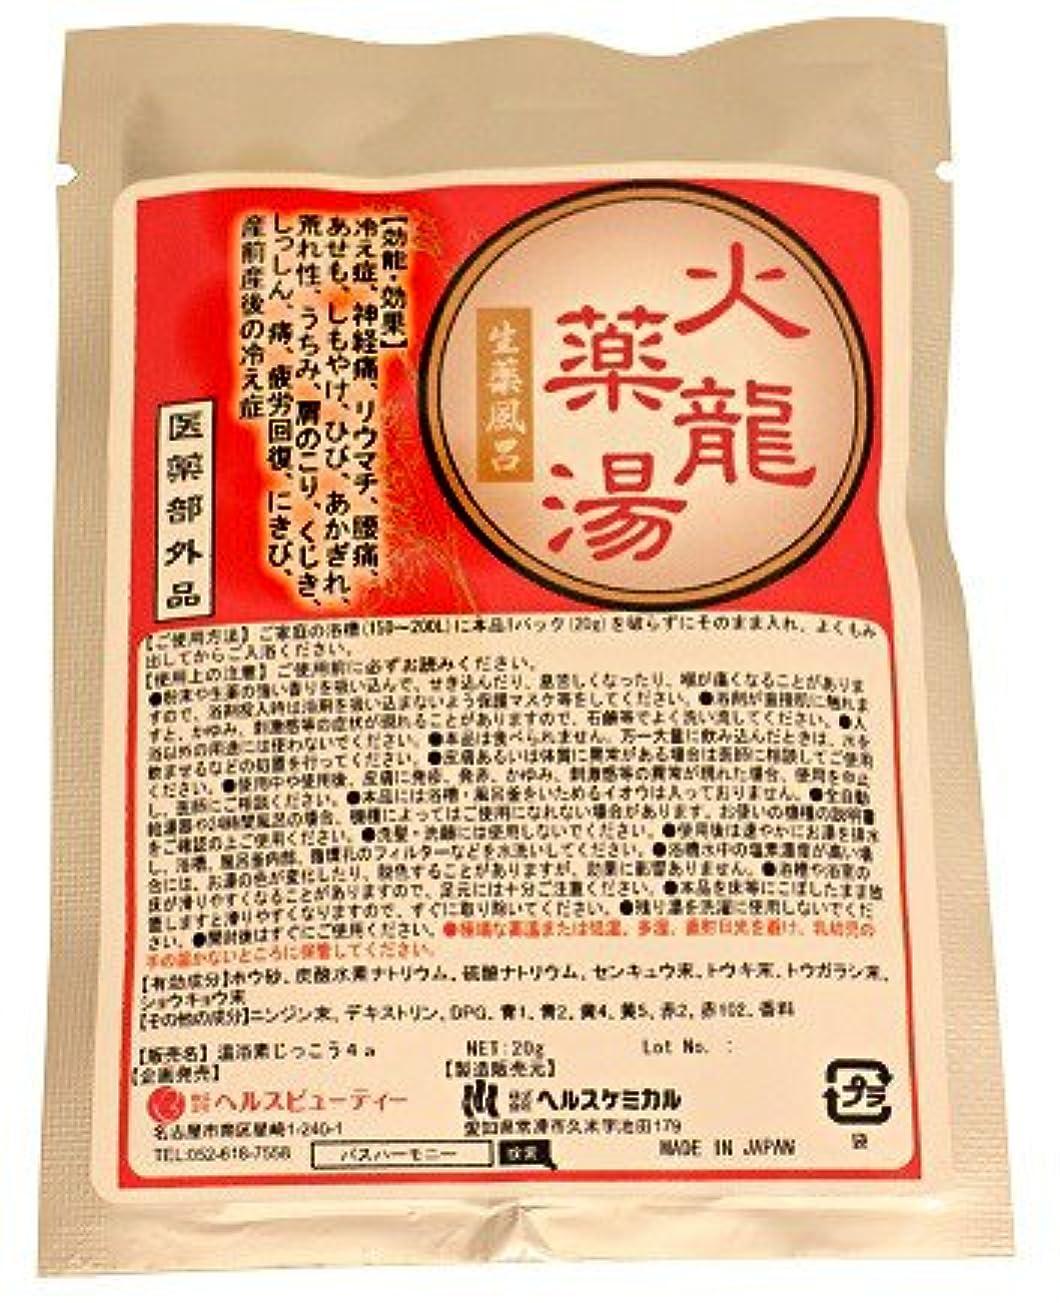 溝トランスペアレントトランスペアレント火龍 薬湯 分包 タイプ 1回分 生薬 薬湯 天然生薬 の 香り 医薬部外品